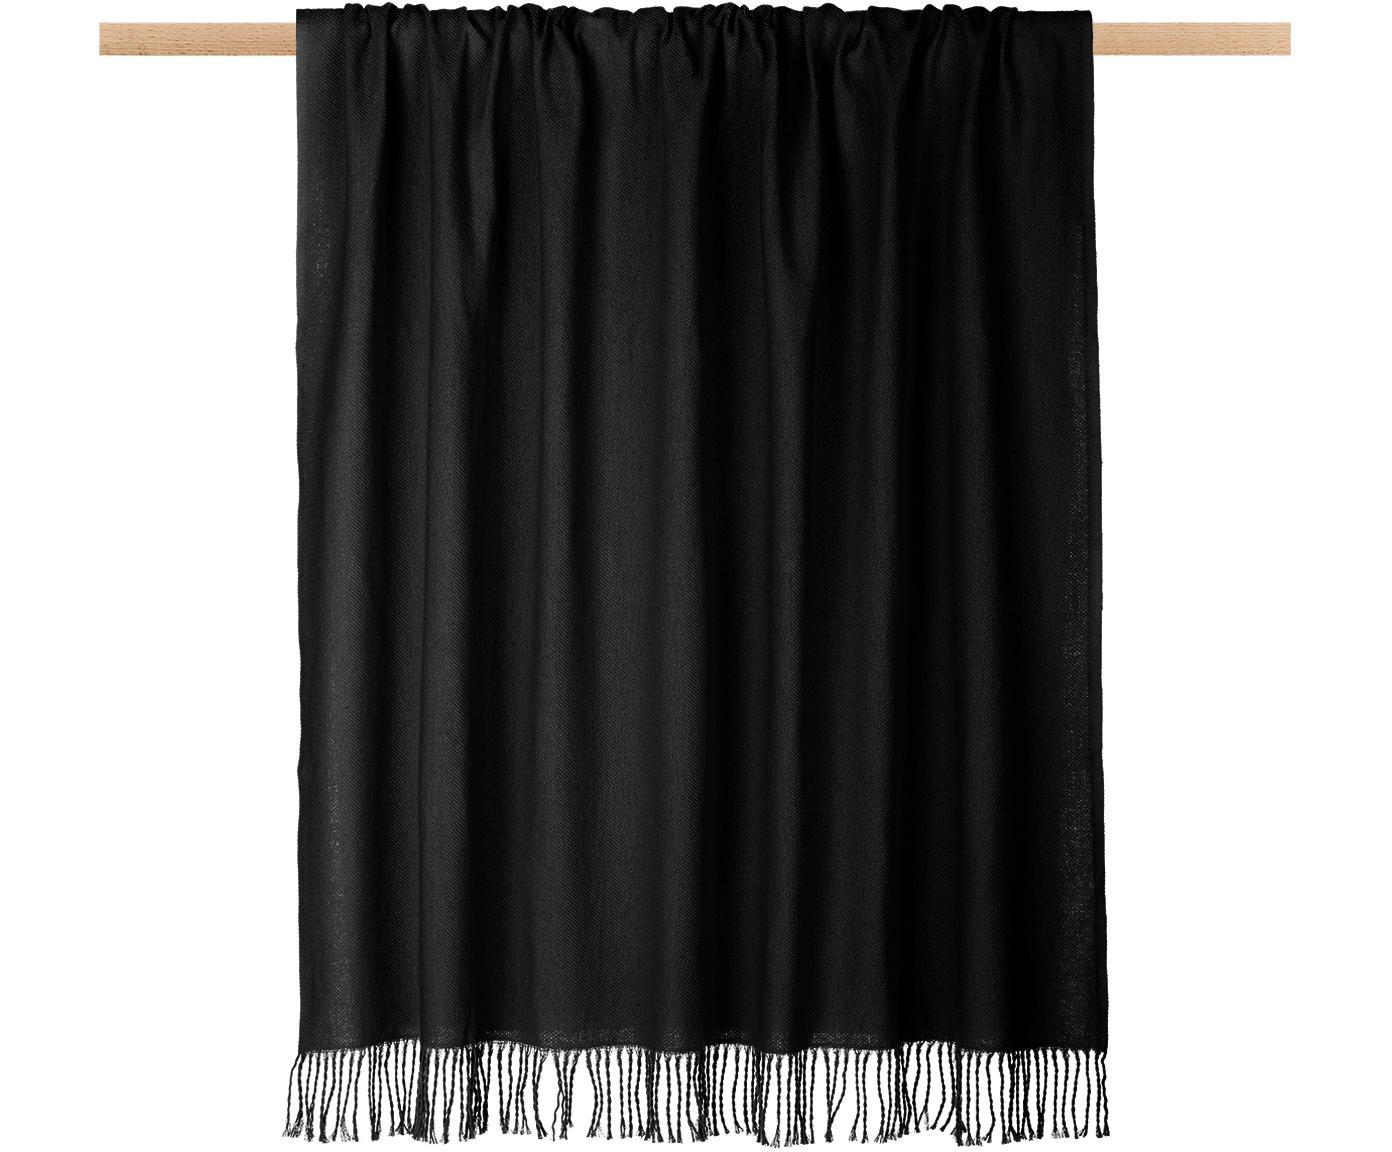 Pled z frędzlami Madison, 100% bawełna, Czarny, S 130 x D 170 cm